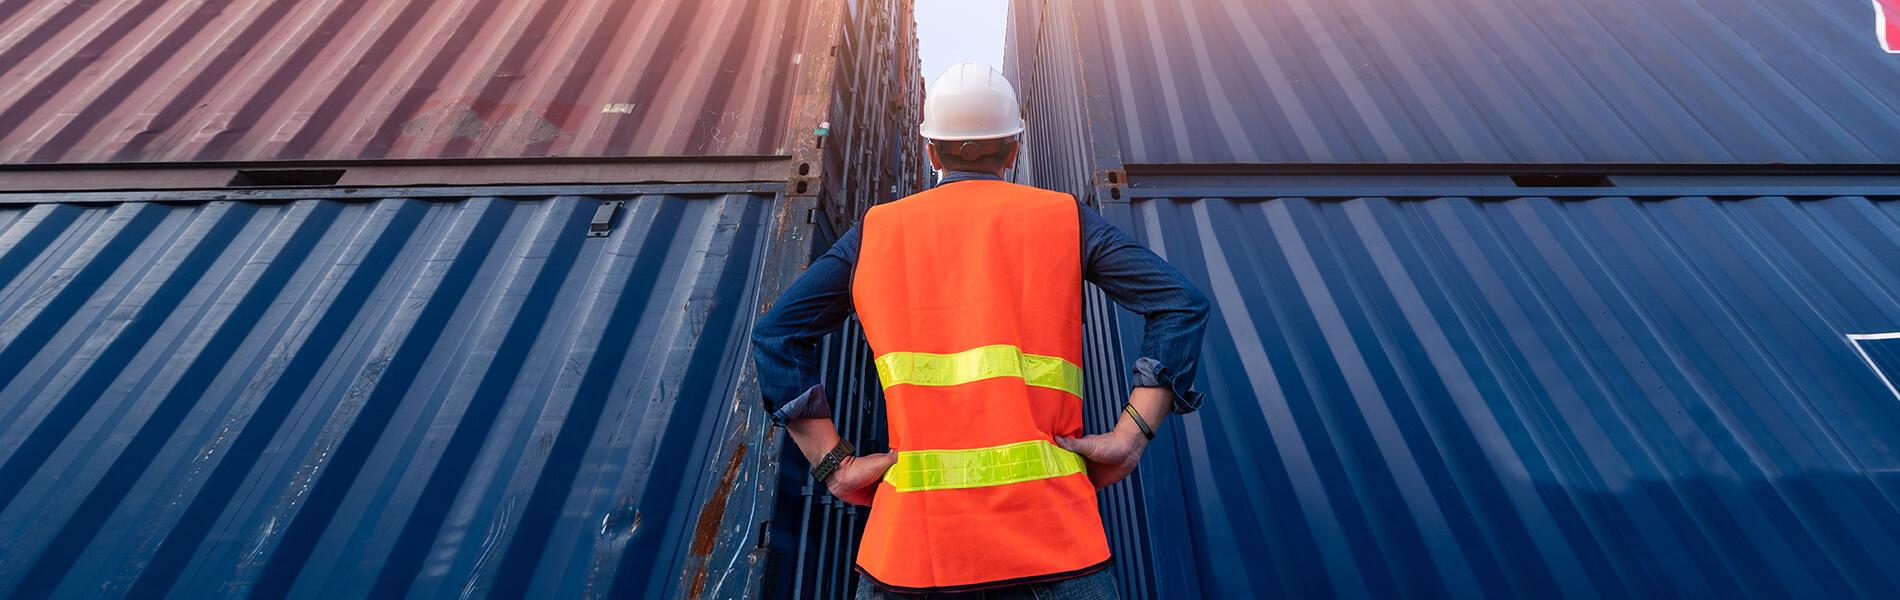 Roboter entlastet von Schwerstarbeit – Forschung zur Entleerung von Seecontainern